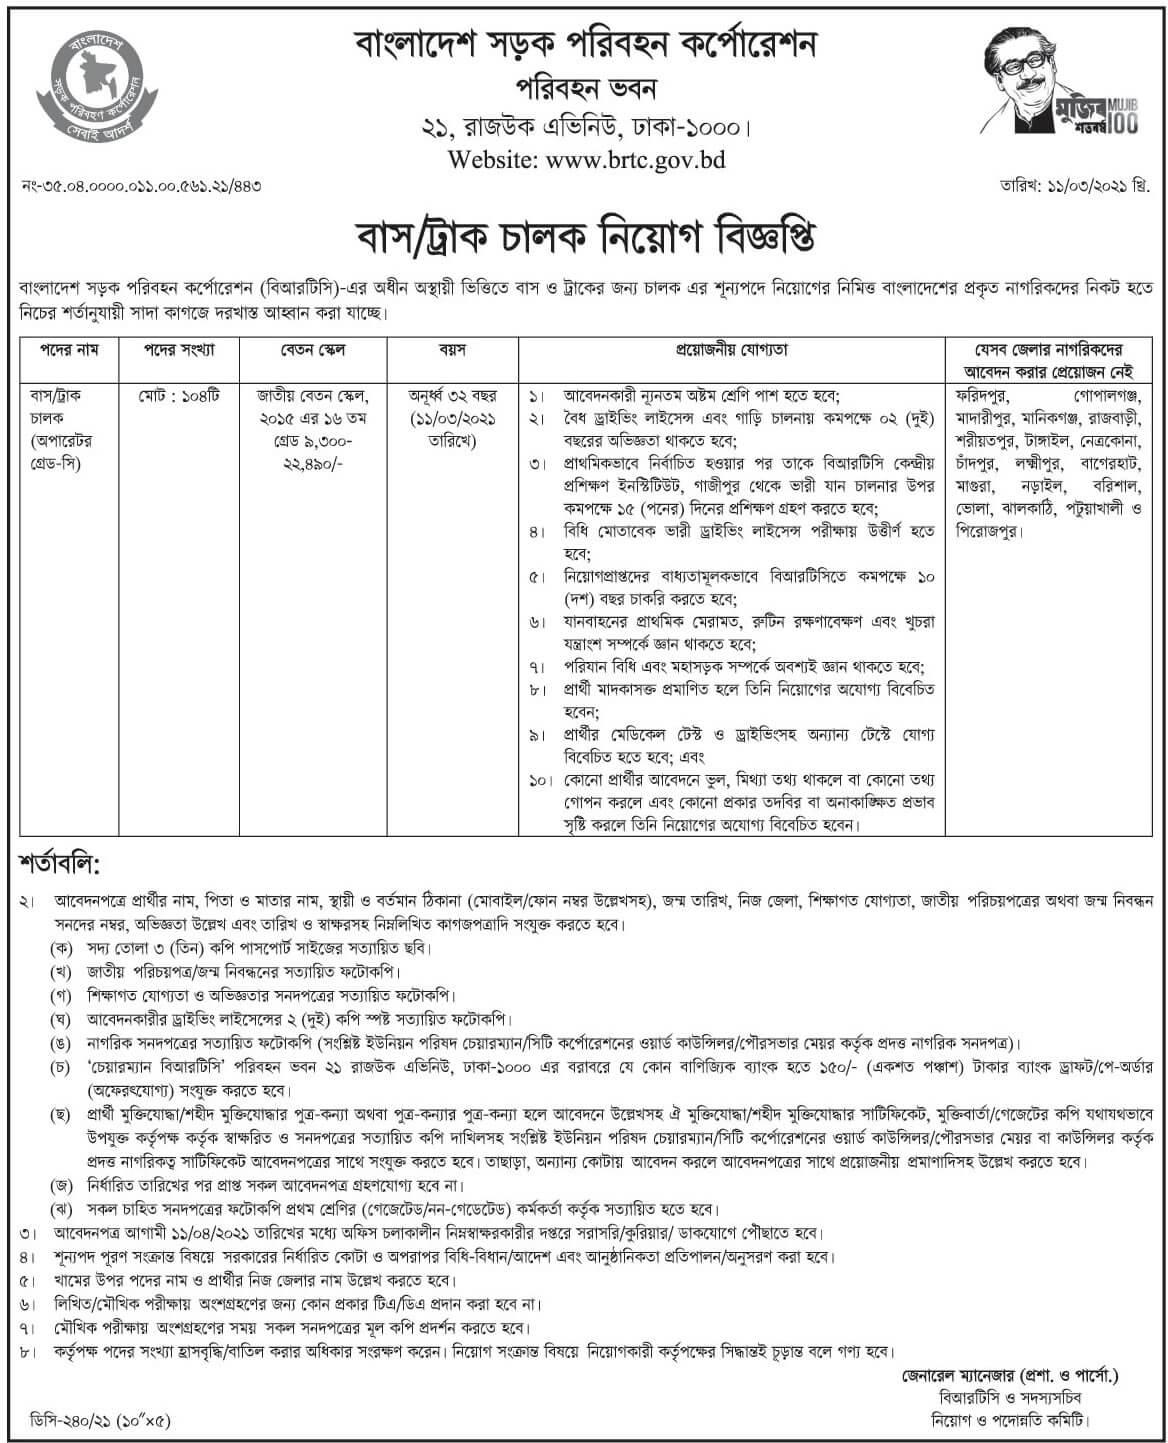 BRTC Job Circular 2021